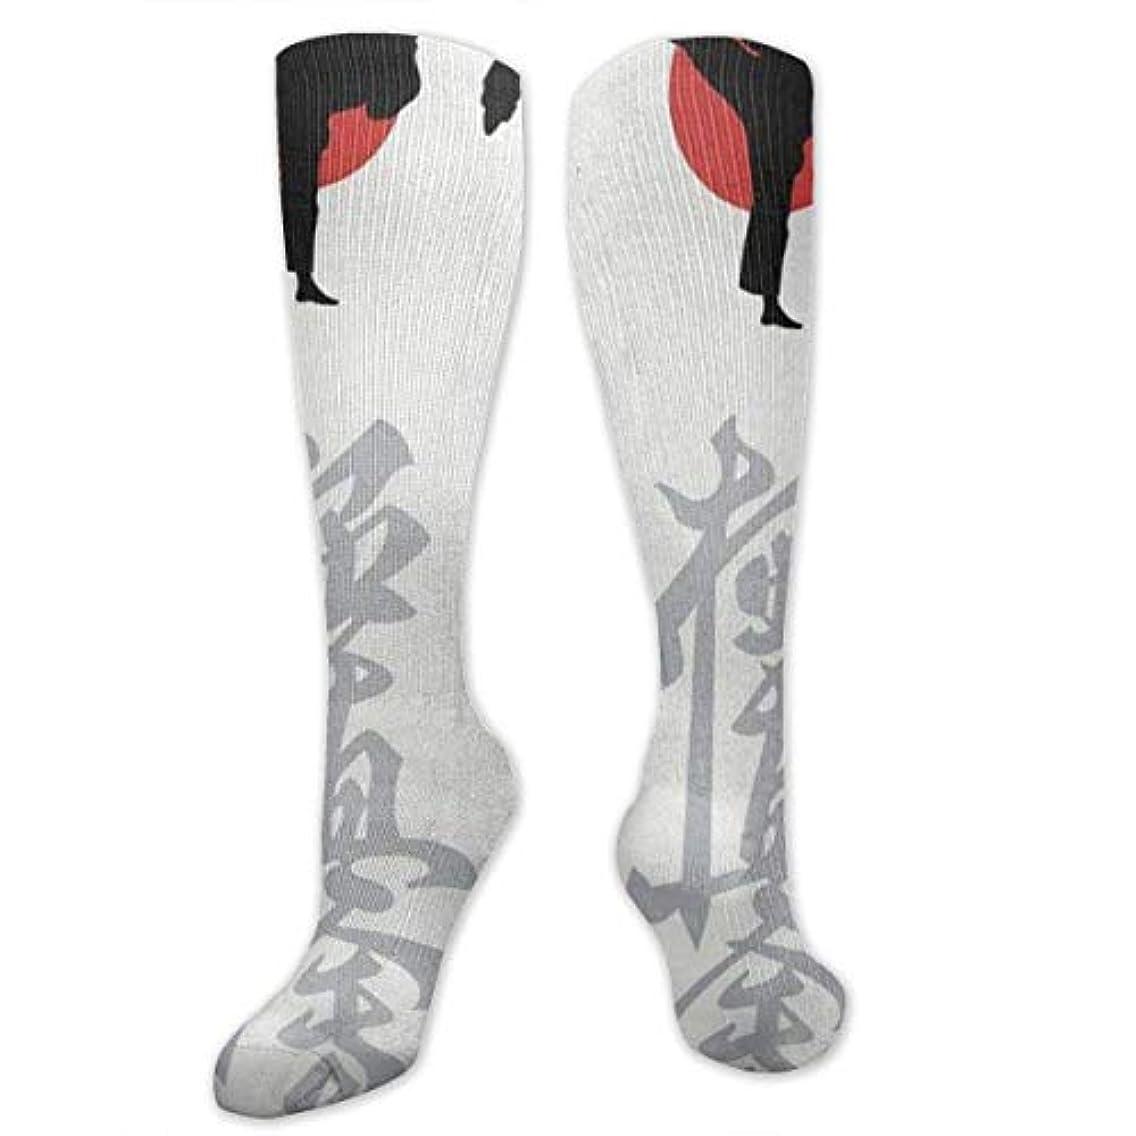 キロメートル予報教育する靴下,ストッキング,野生のジョーカー,実際,秋の本質,冬必須,サマーウェア&RBXAA Japan Karate Socks Women's Winter Cotton Long Tube Socks Knee High...